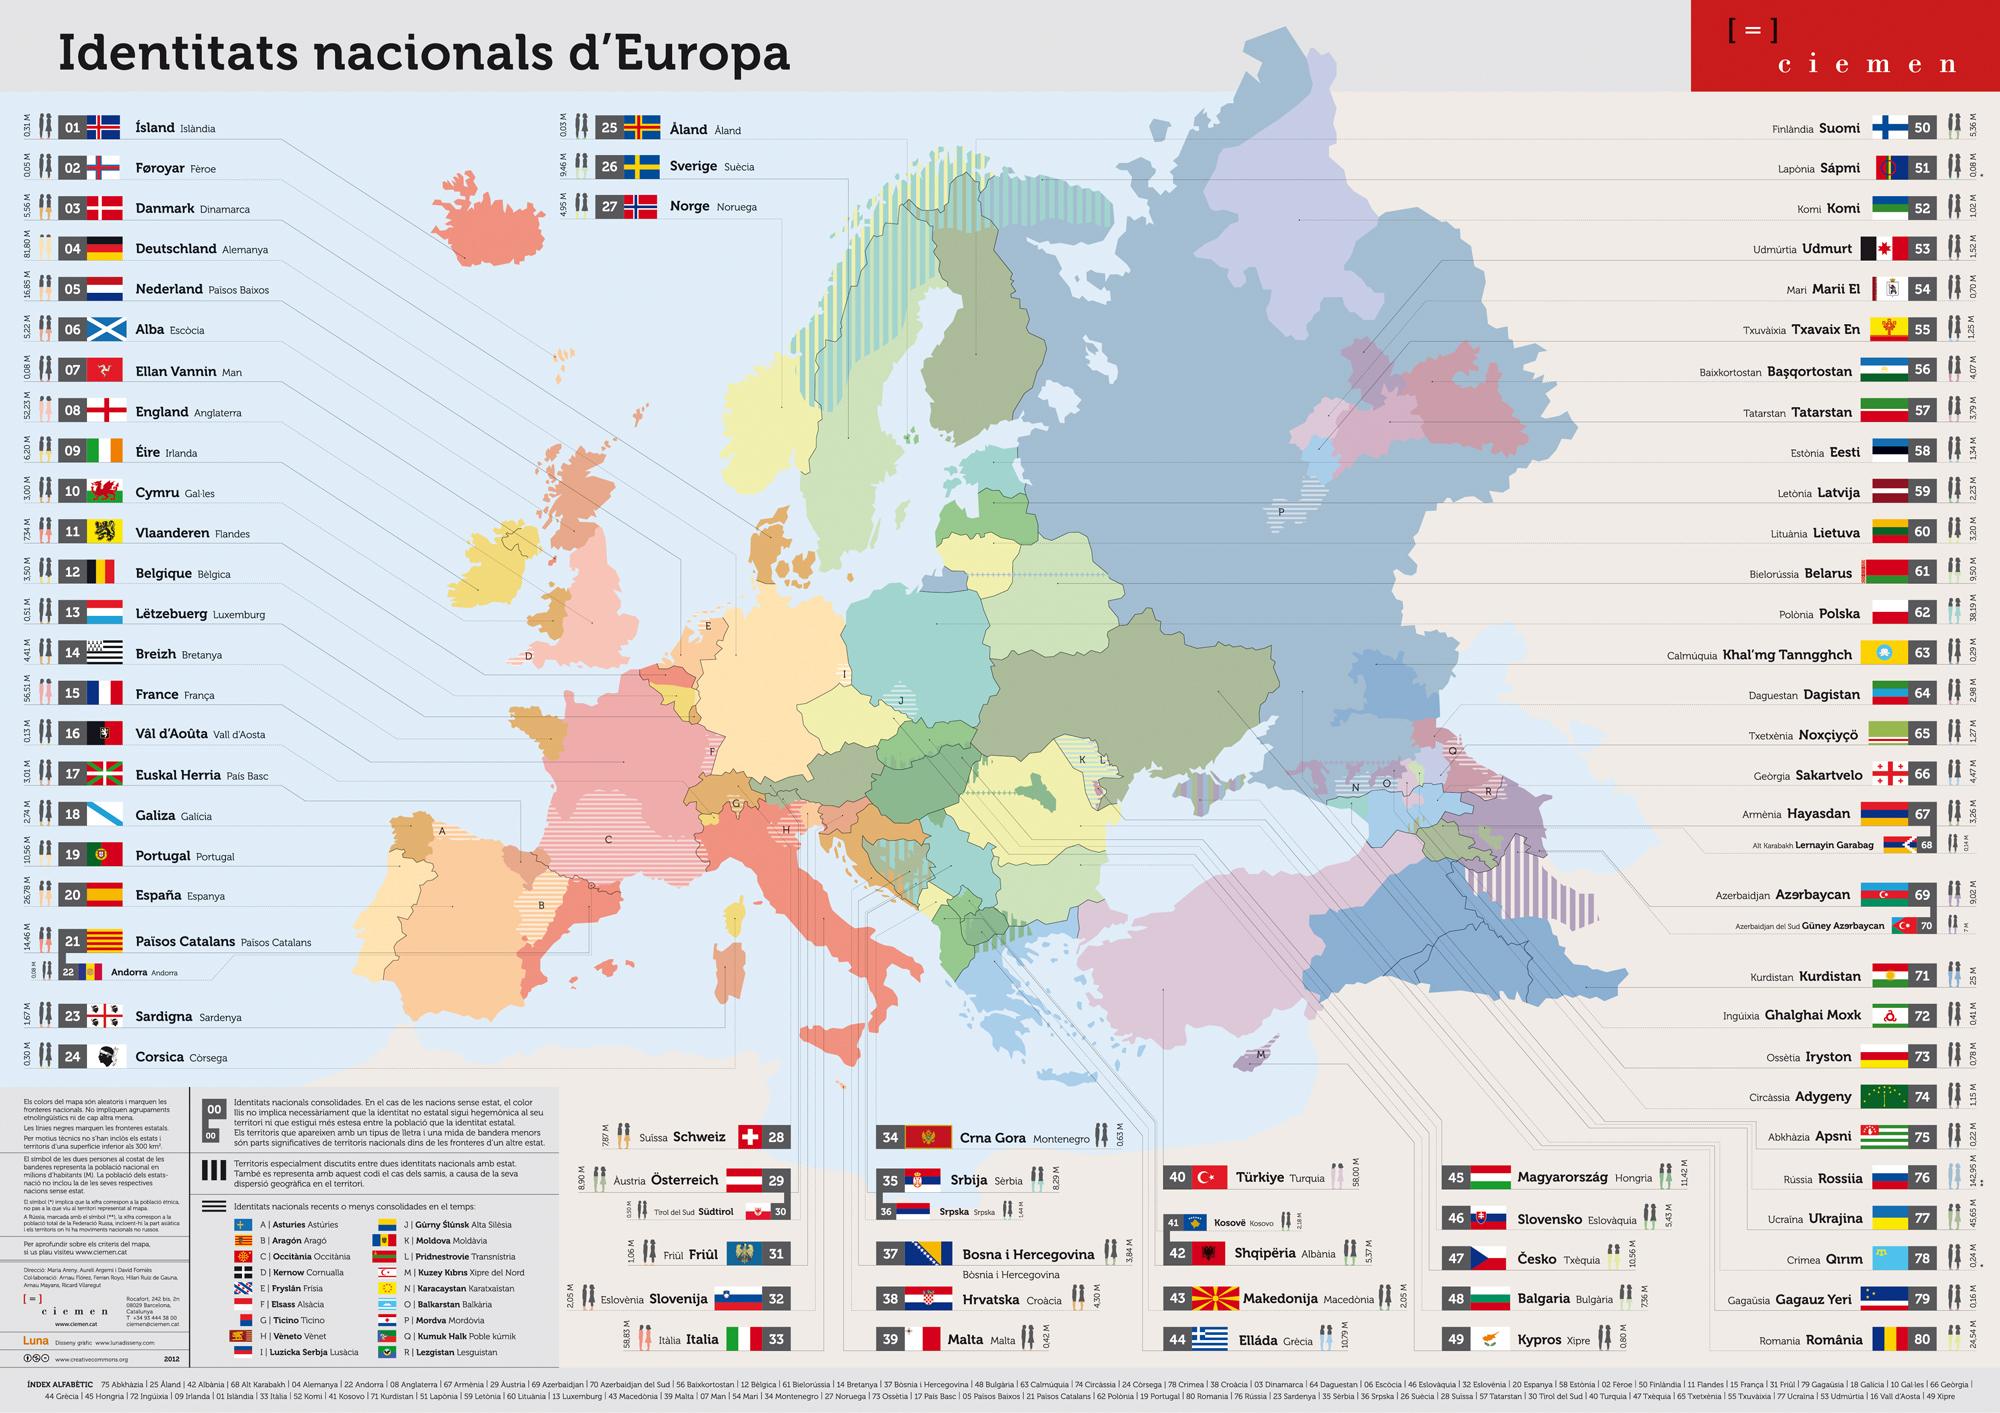 CIEMEN - Mapa de les identitats nacionals d'Europa